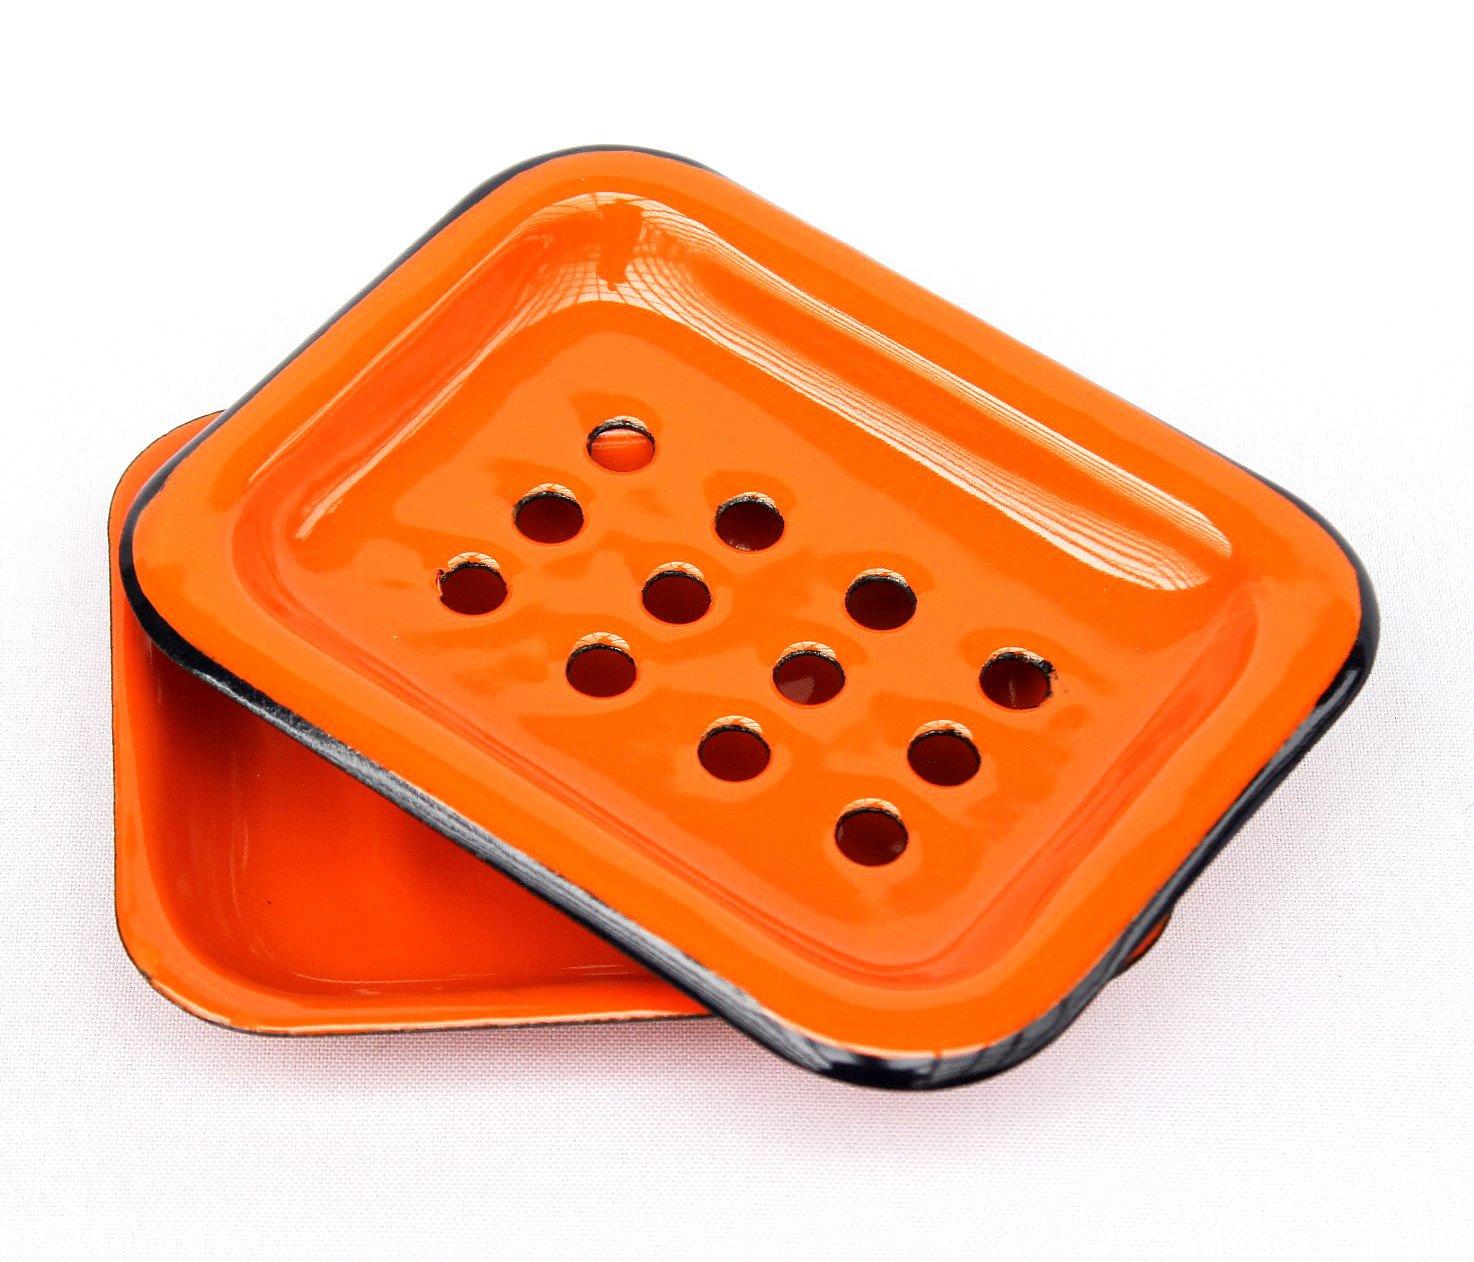 DanDiBo Seifenhalter 617A Orange Seifenschale 13 cm emailliert Landhaus Emaille Seifensp